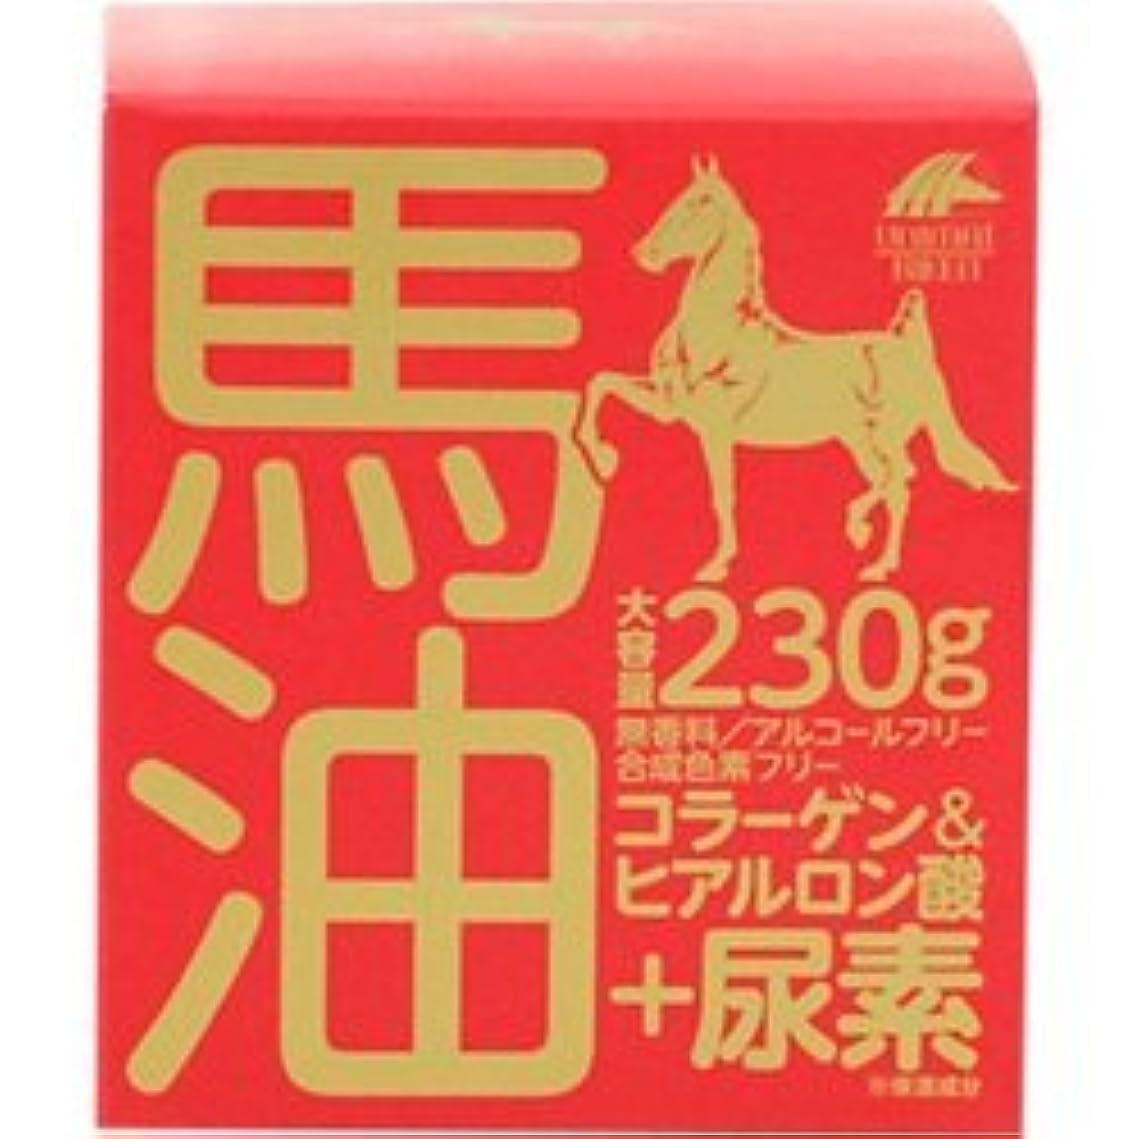 電話に出るサロンクルー【ユニマットリケン】馬油クリーム+尿素 230g ×10個セット